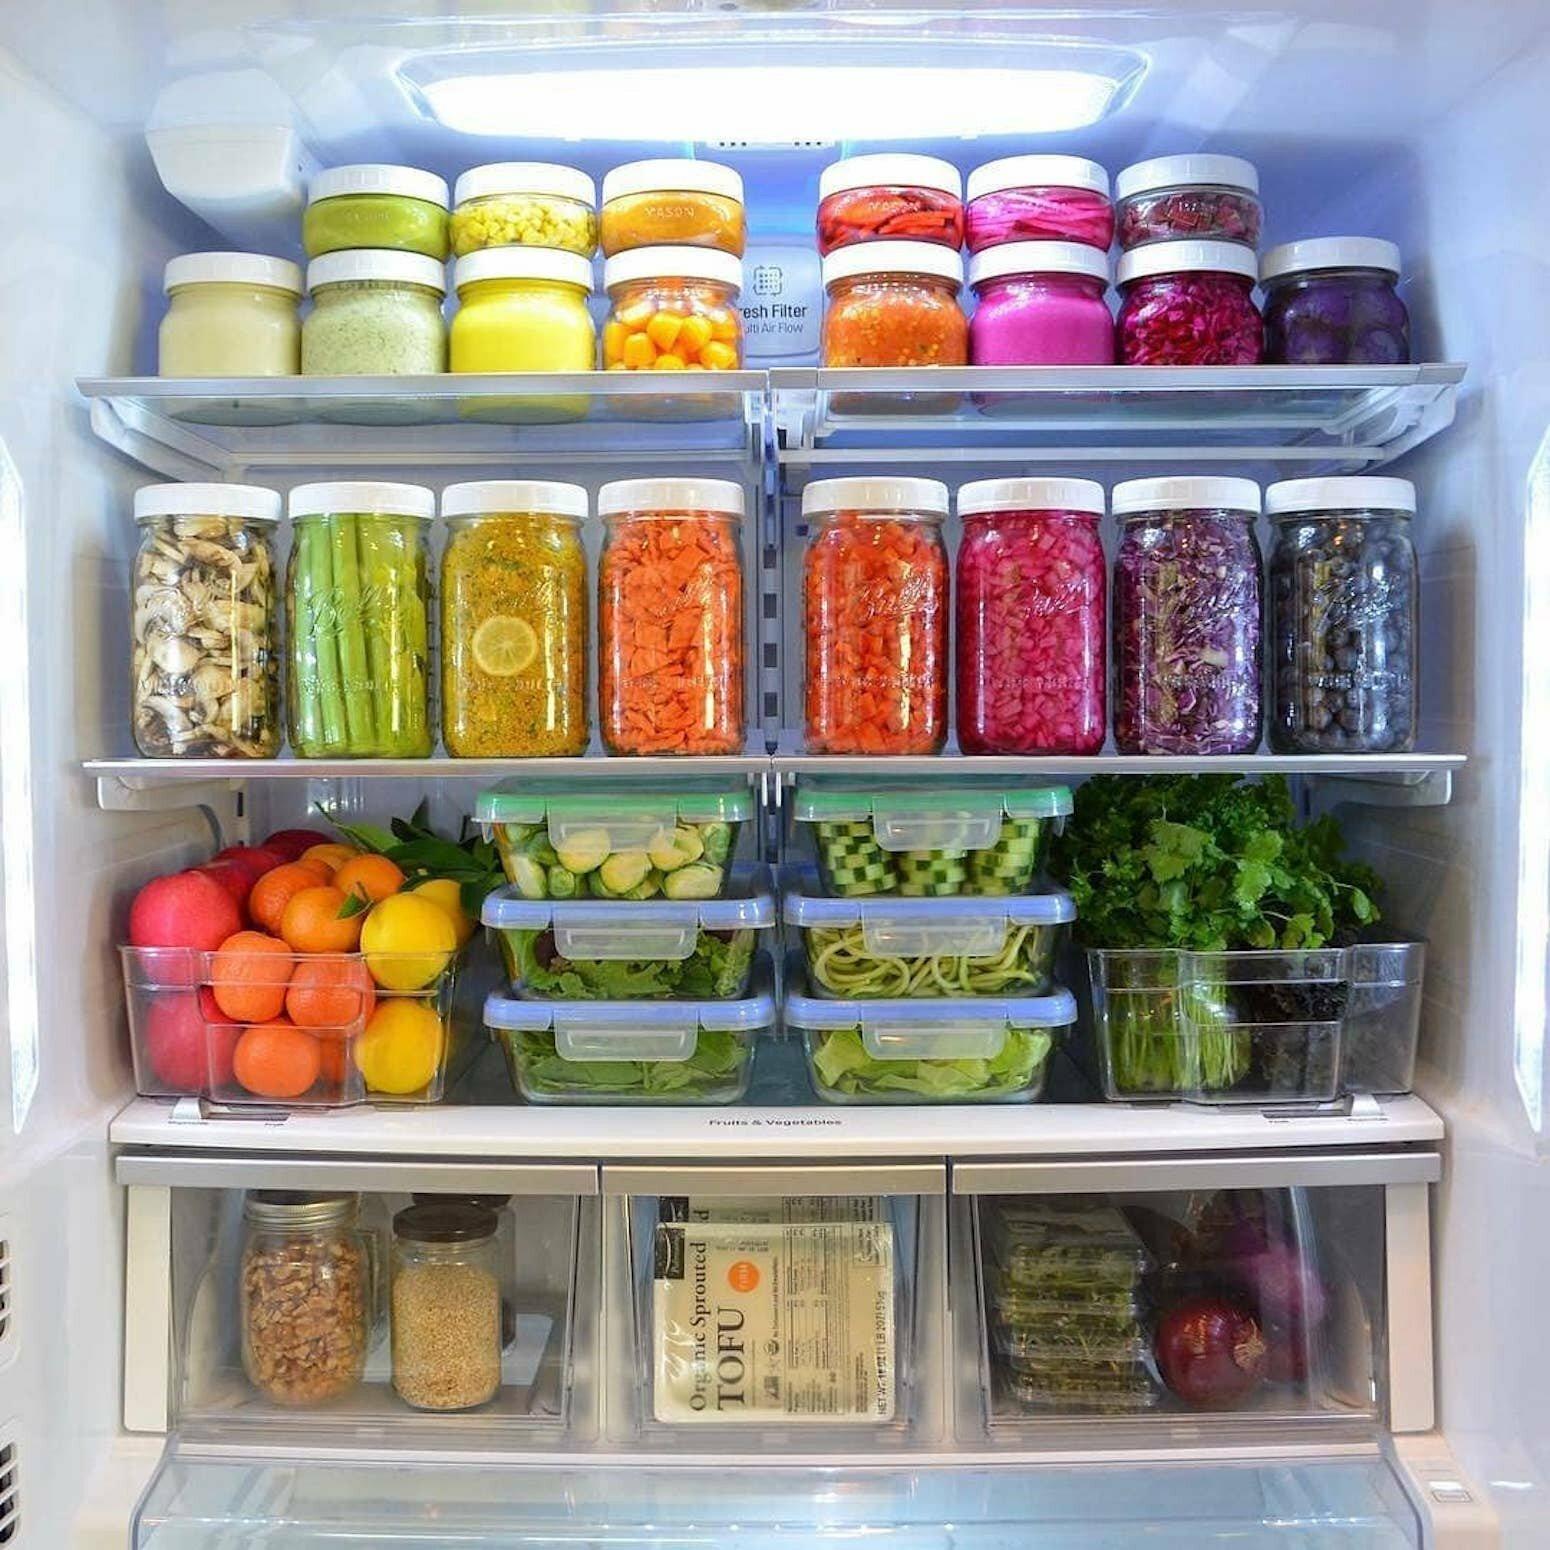 Порядок в холодильнике: правила и идеи хранения продуктов